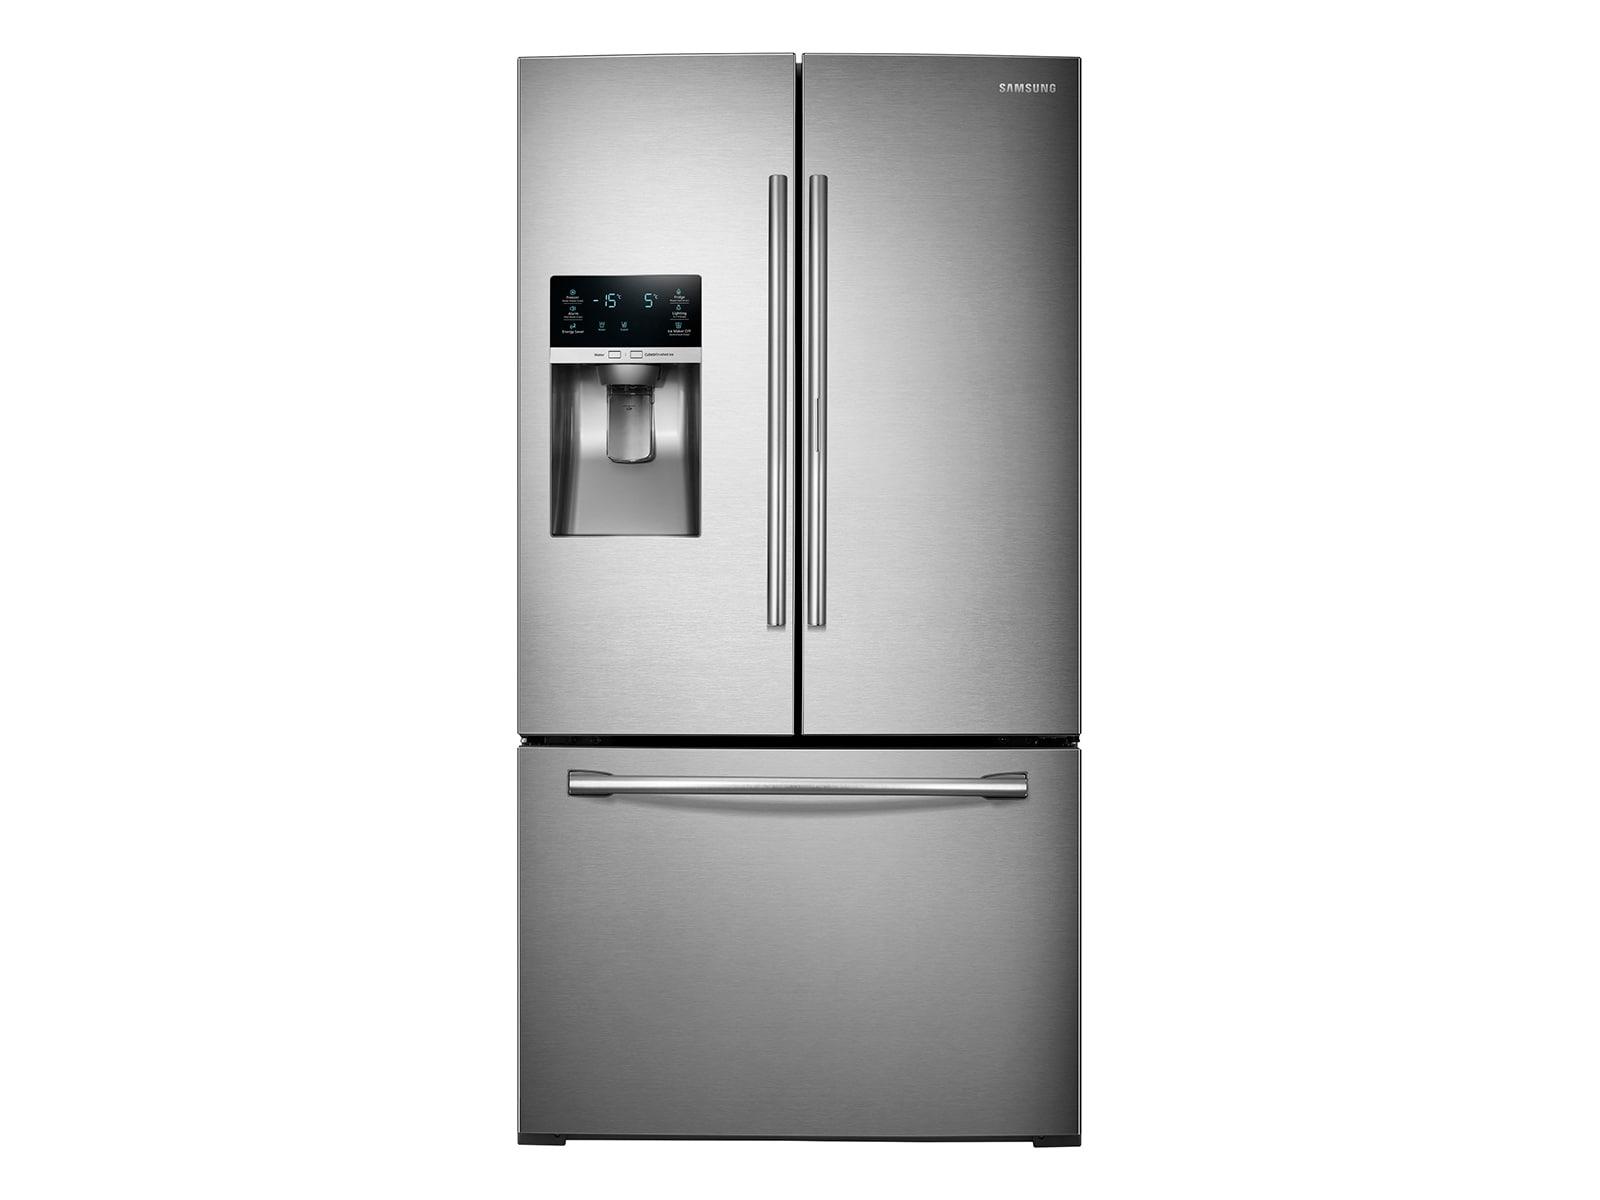 Samsung 28 cu. ft. 3-Door French Door Food ShowCase Refrigerator $1600